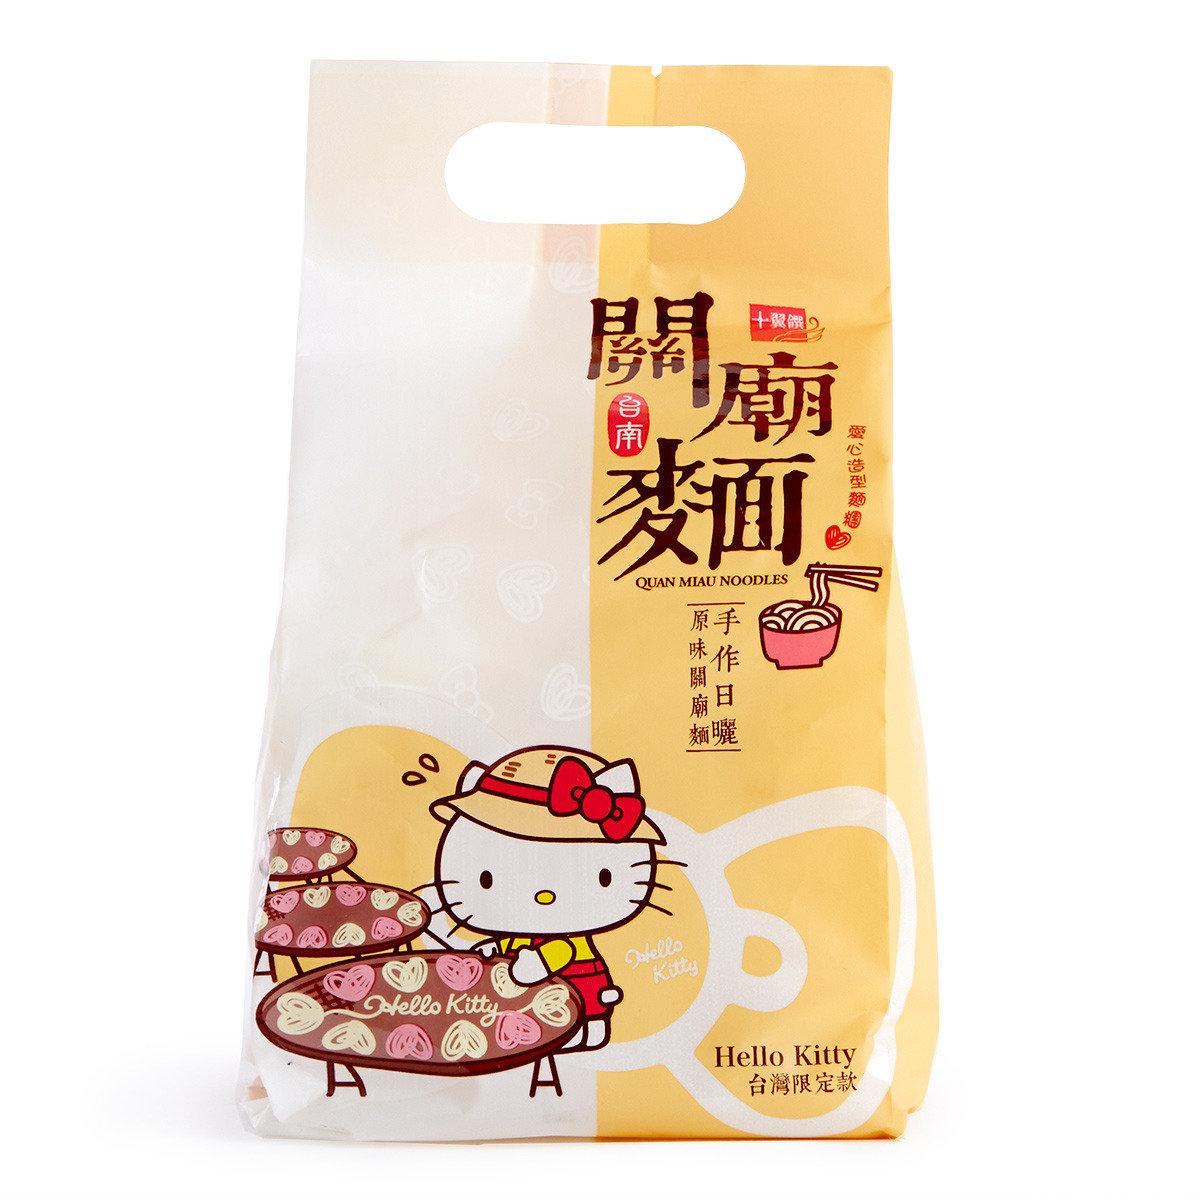 Hello Kitty台南關廟麵